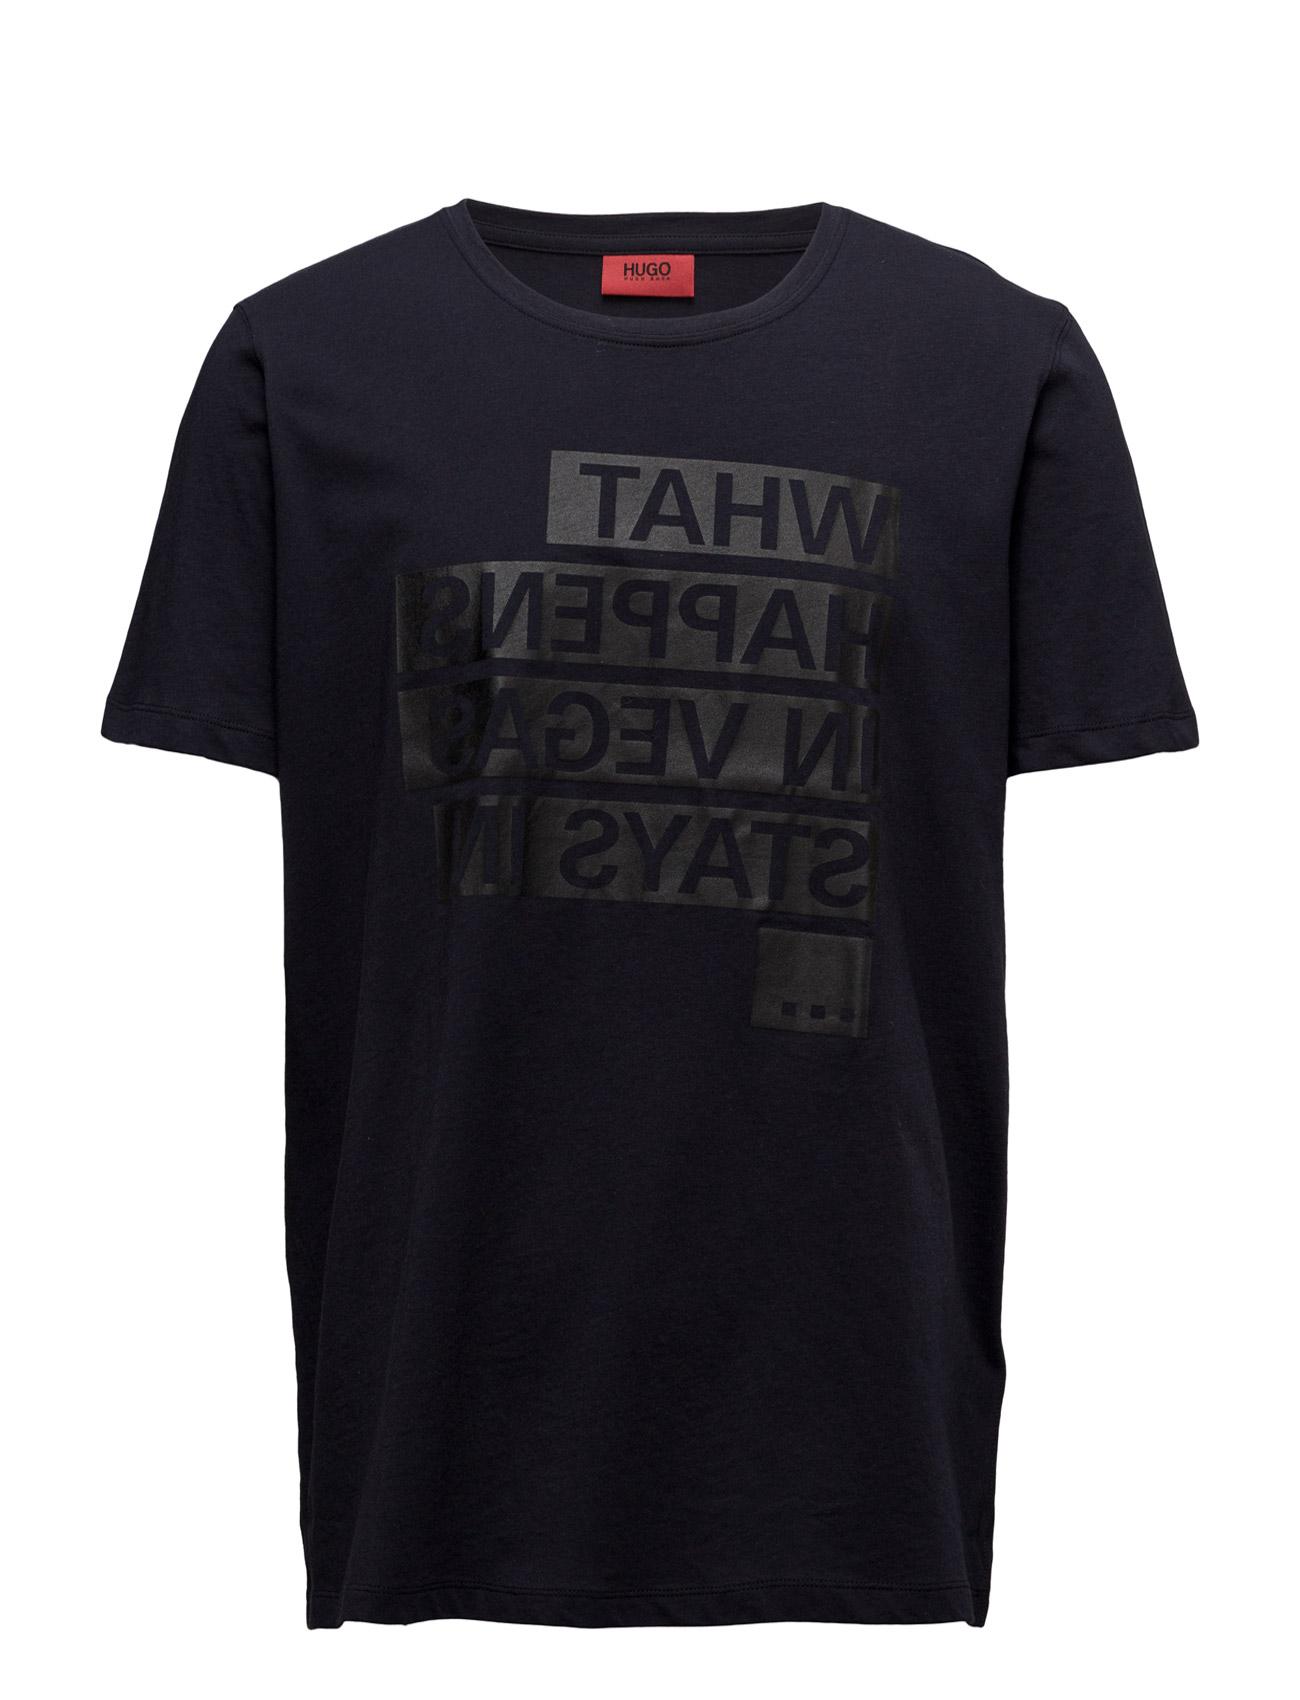 Devent HUGO T-shirts til Mænd i Navy blå